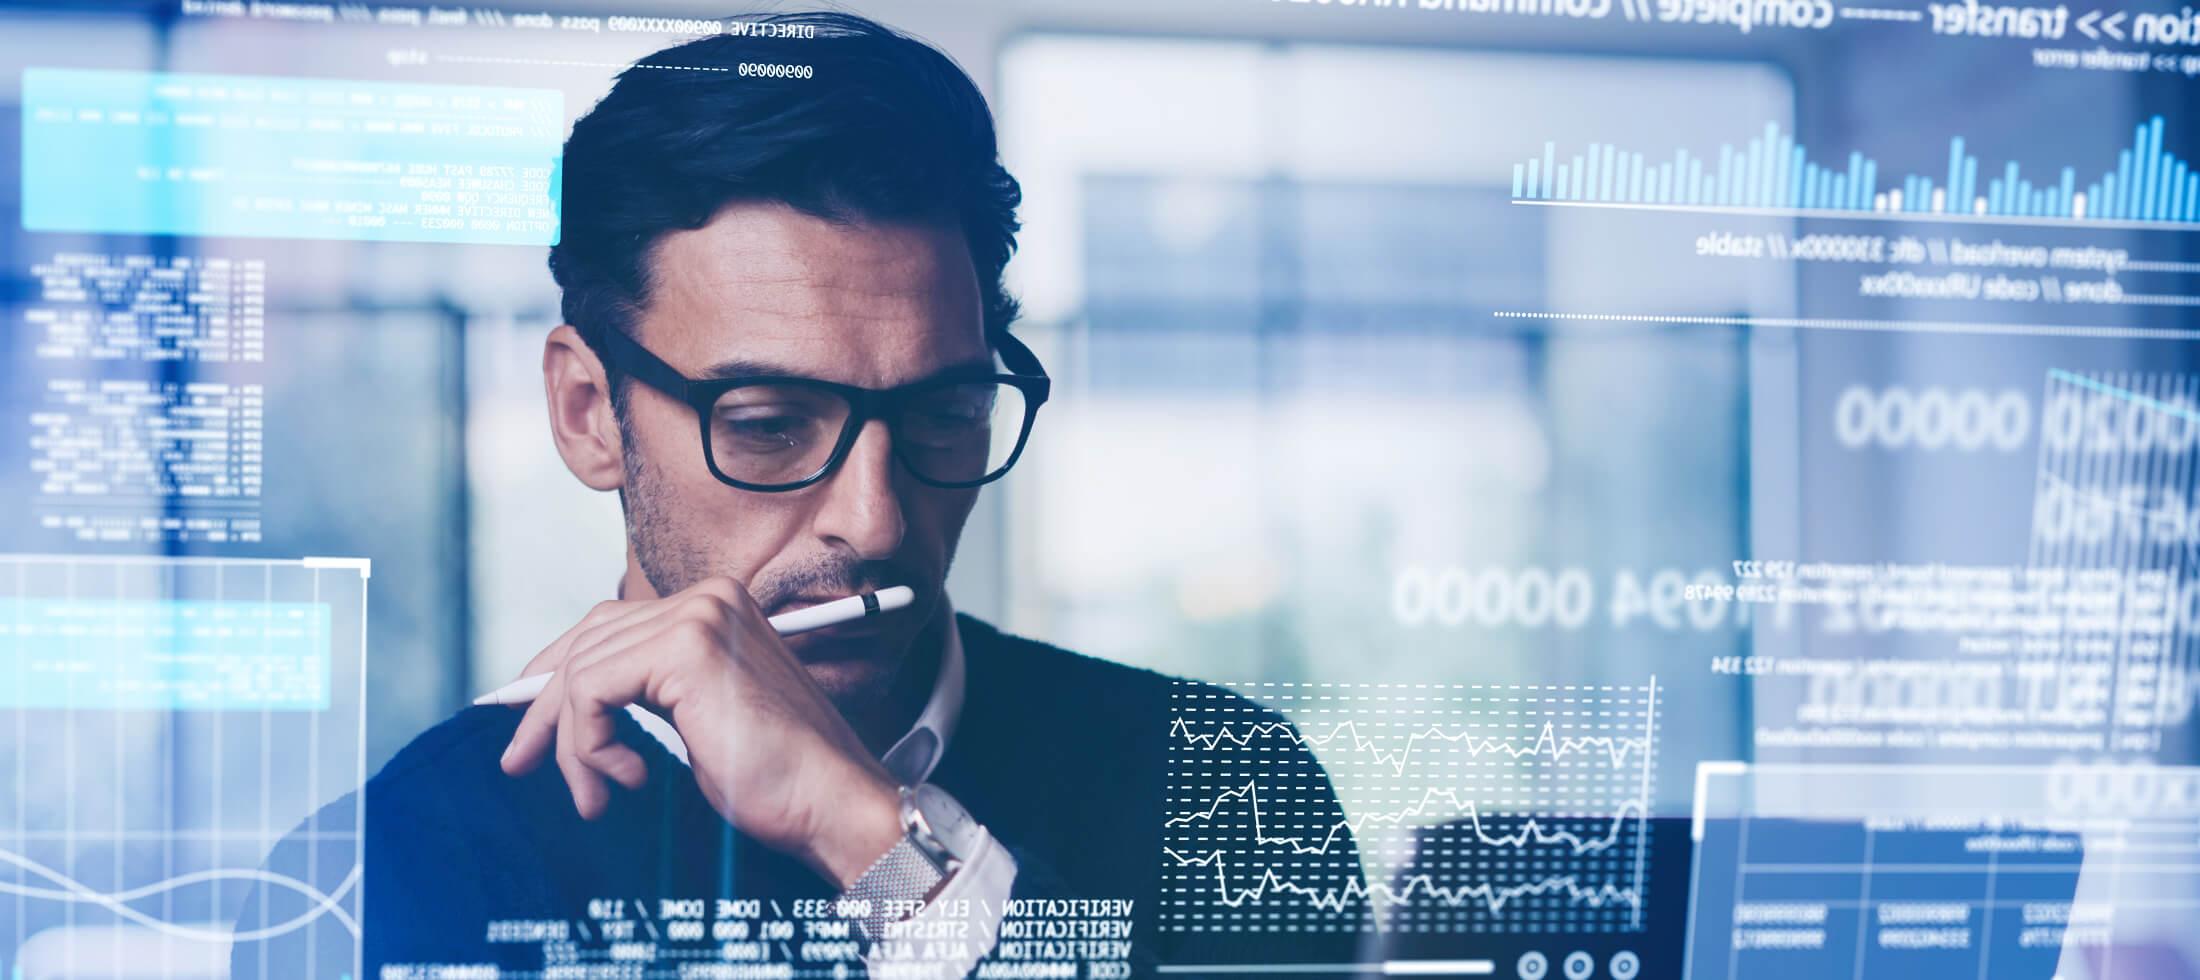 Big Data & AI Capability Gaps Featured Image